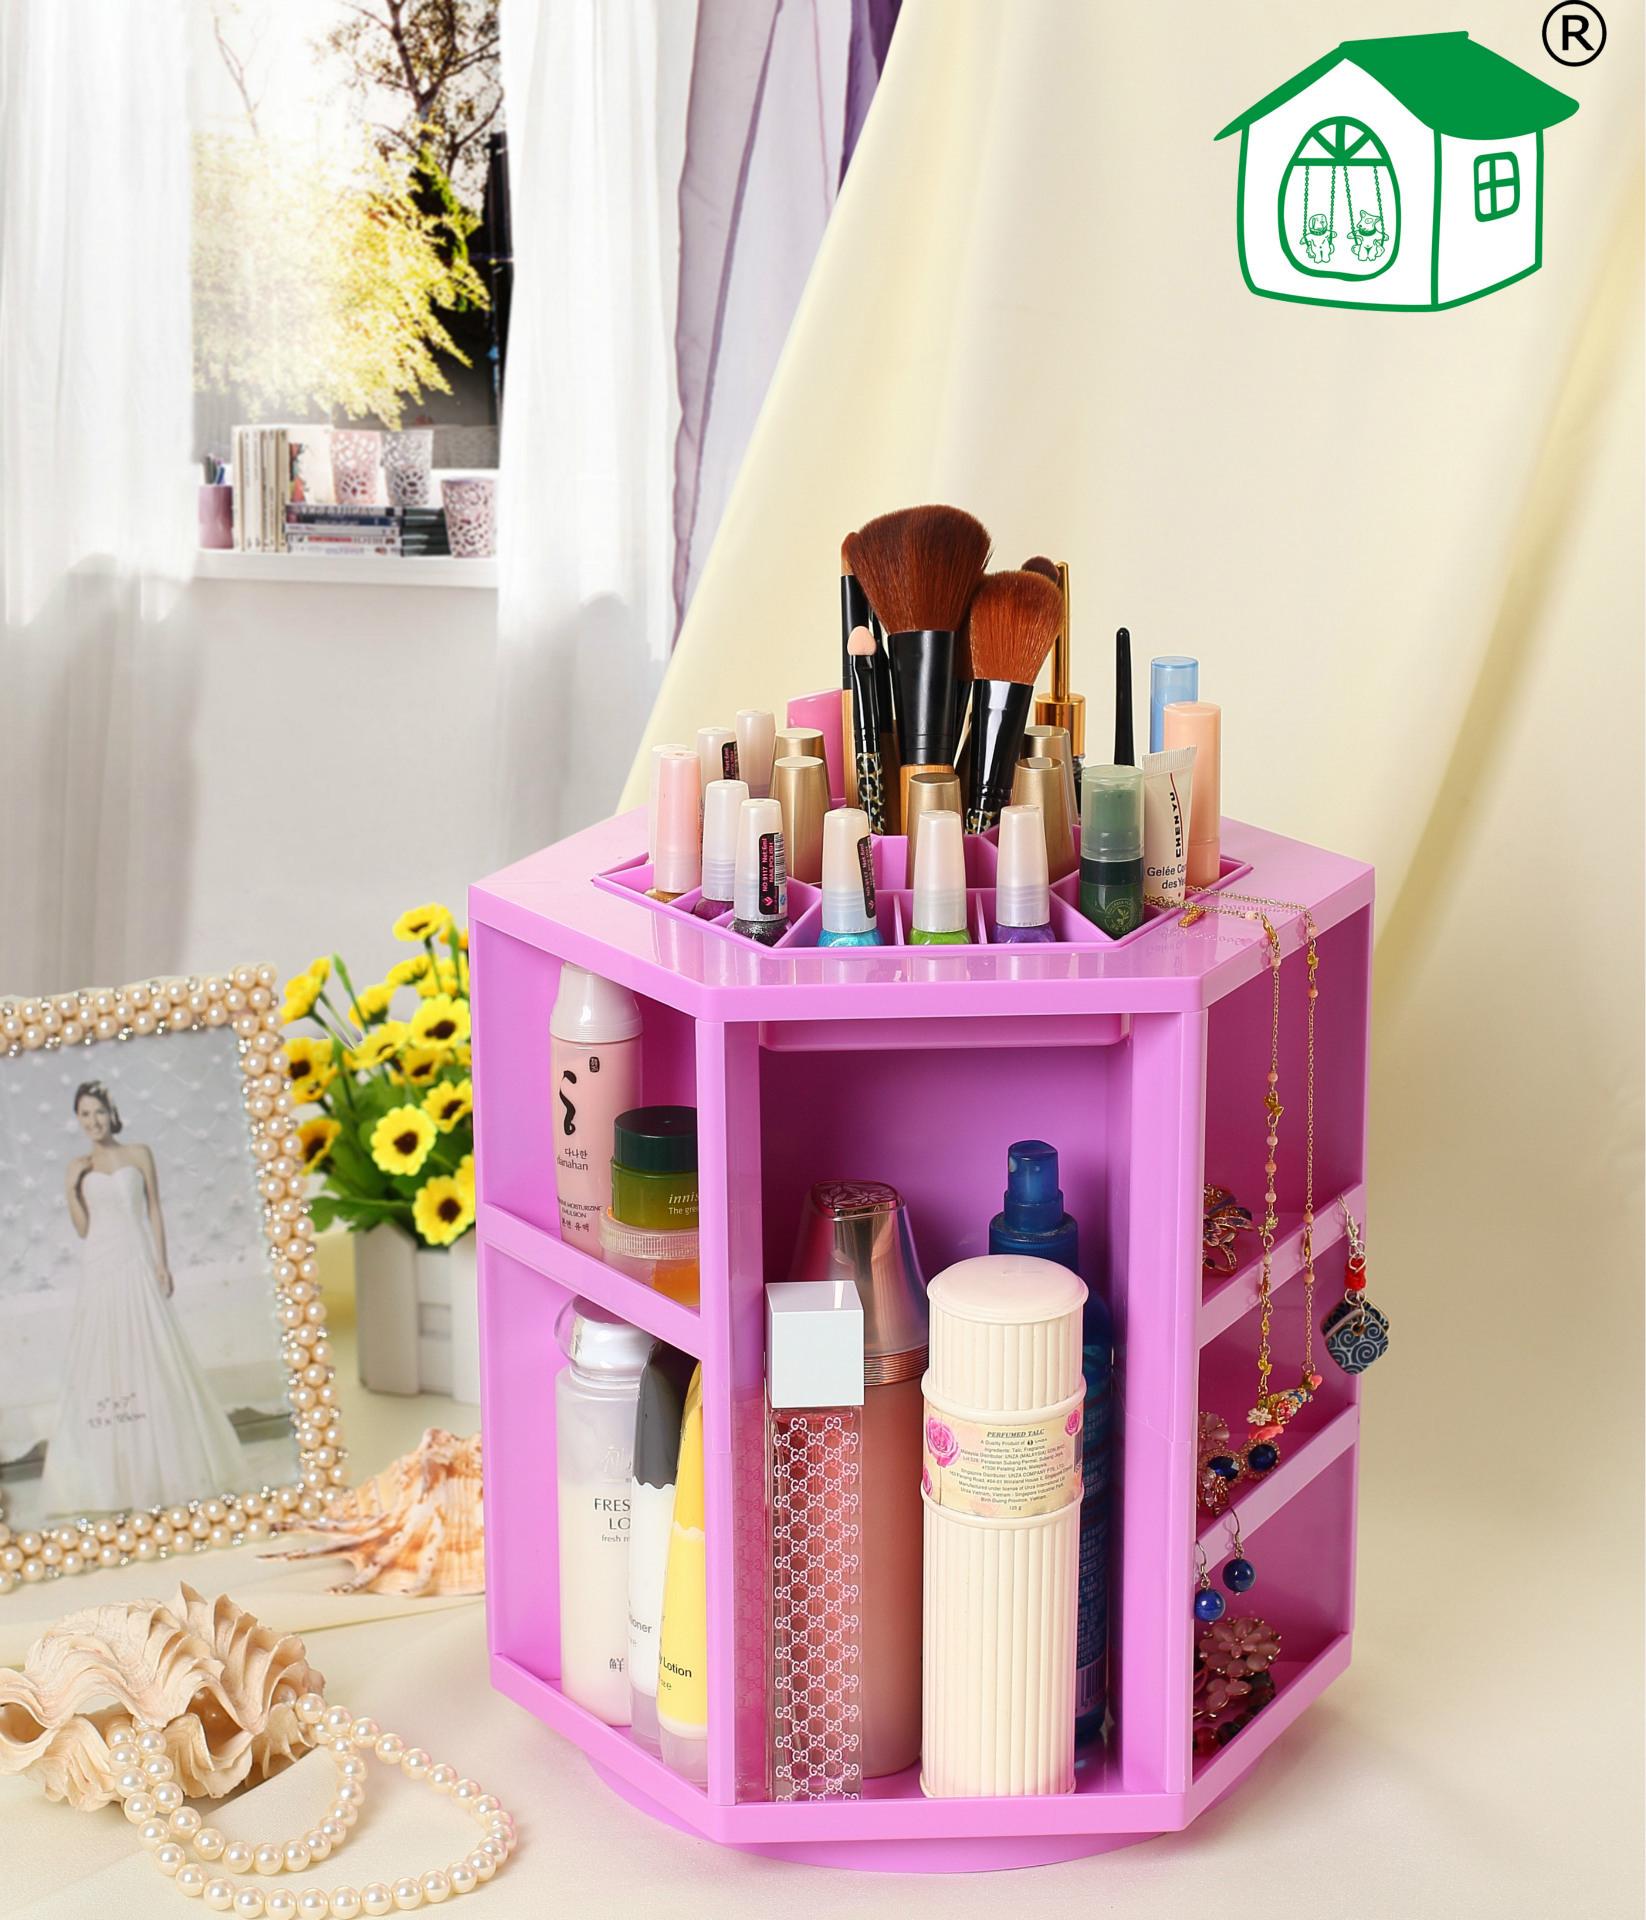 Hộp đựng đồ trang điểm Cosmetic Tower màu tím